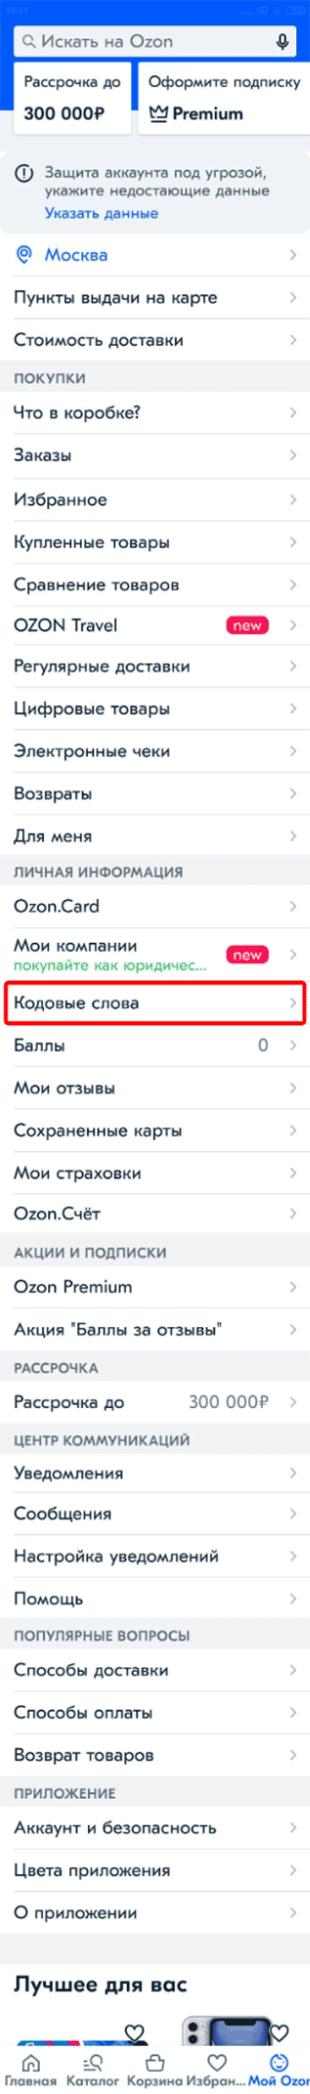 Регистрация на Озон